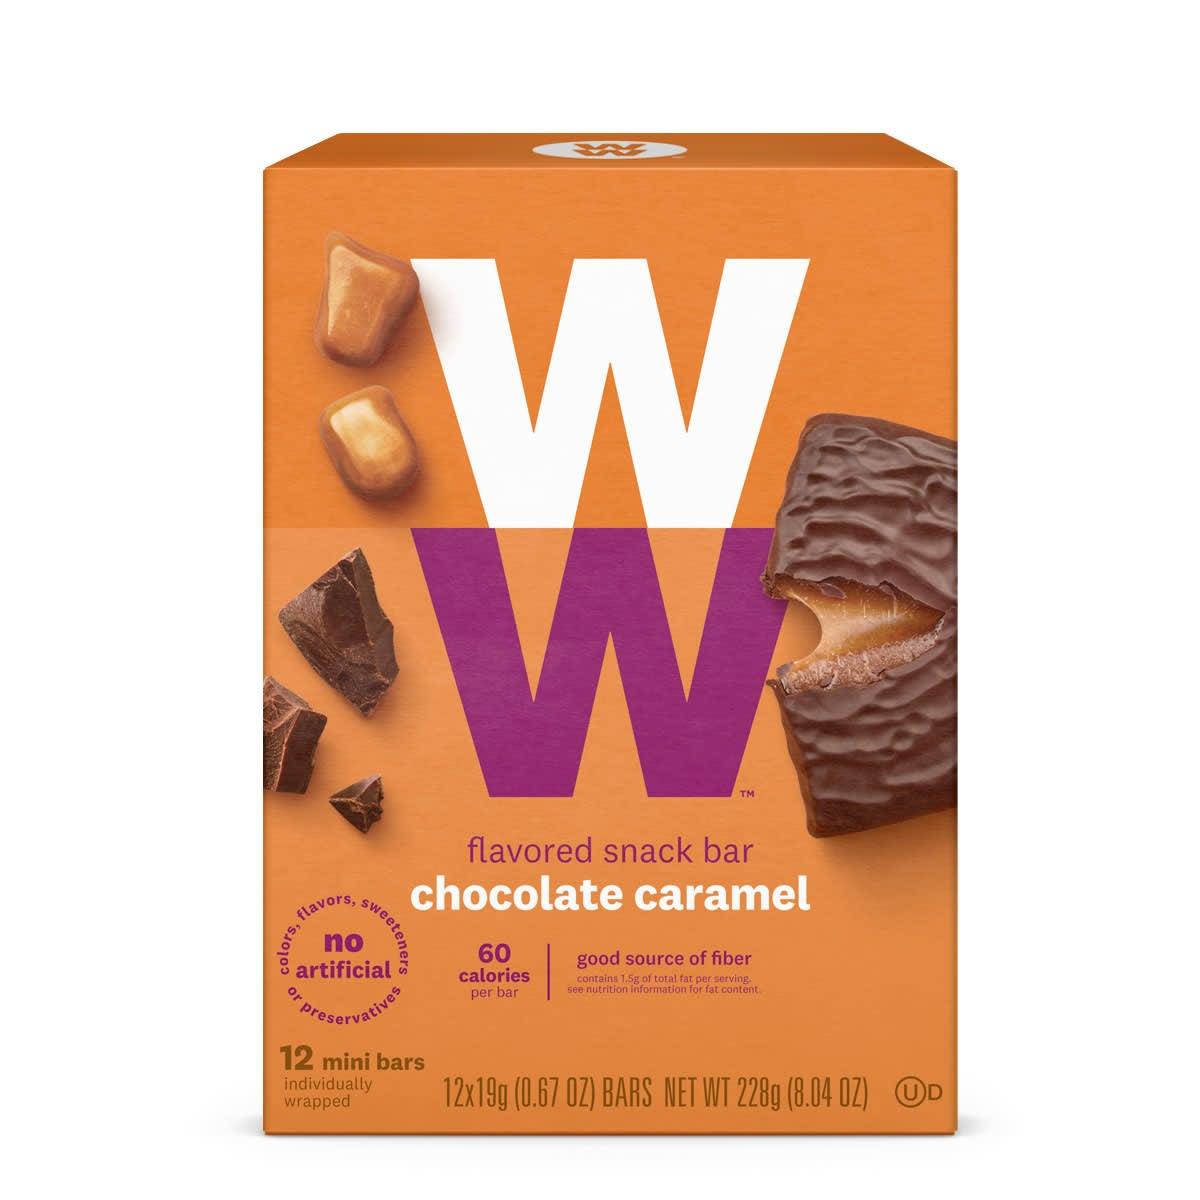 Front of box, chocolate caramel mini bar, 60 calories, 12 bars, good source of fiber